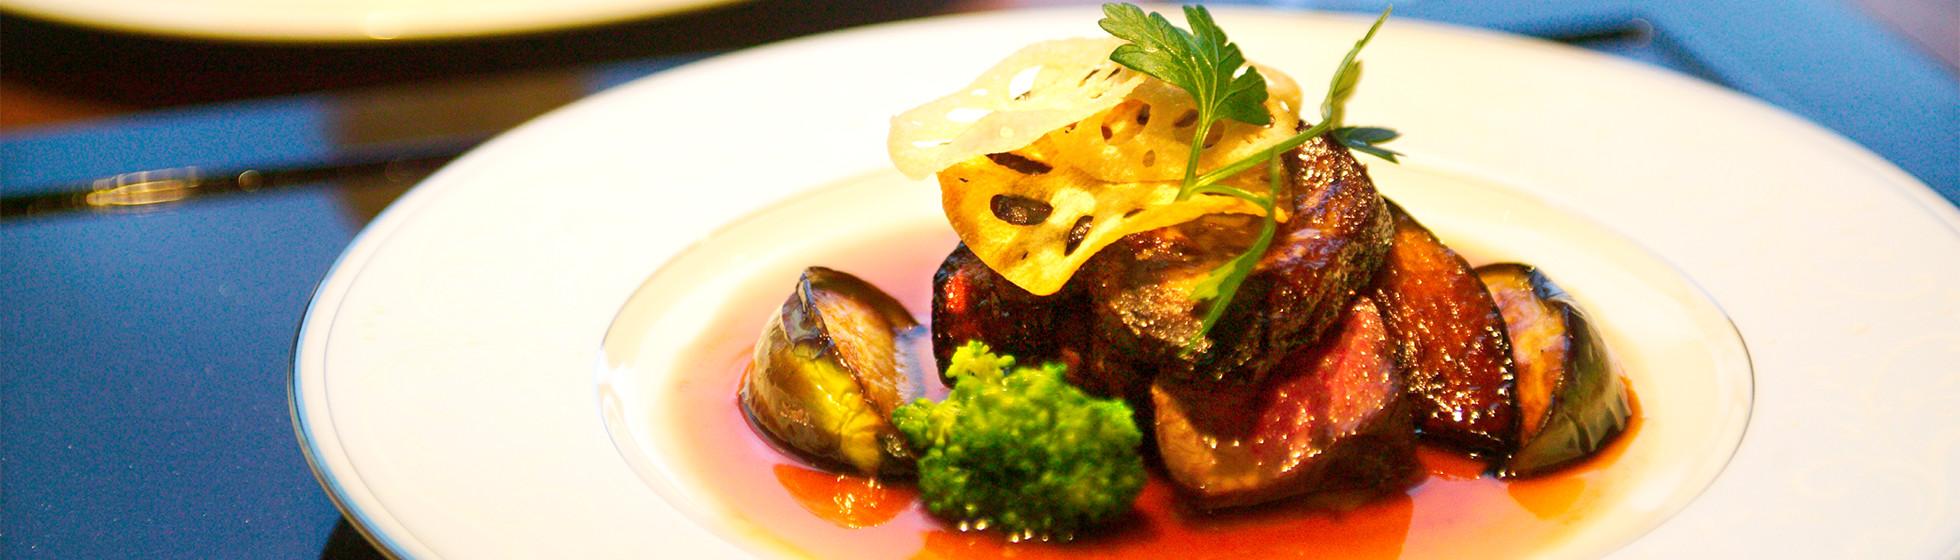 Special Satoyama Cuisine